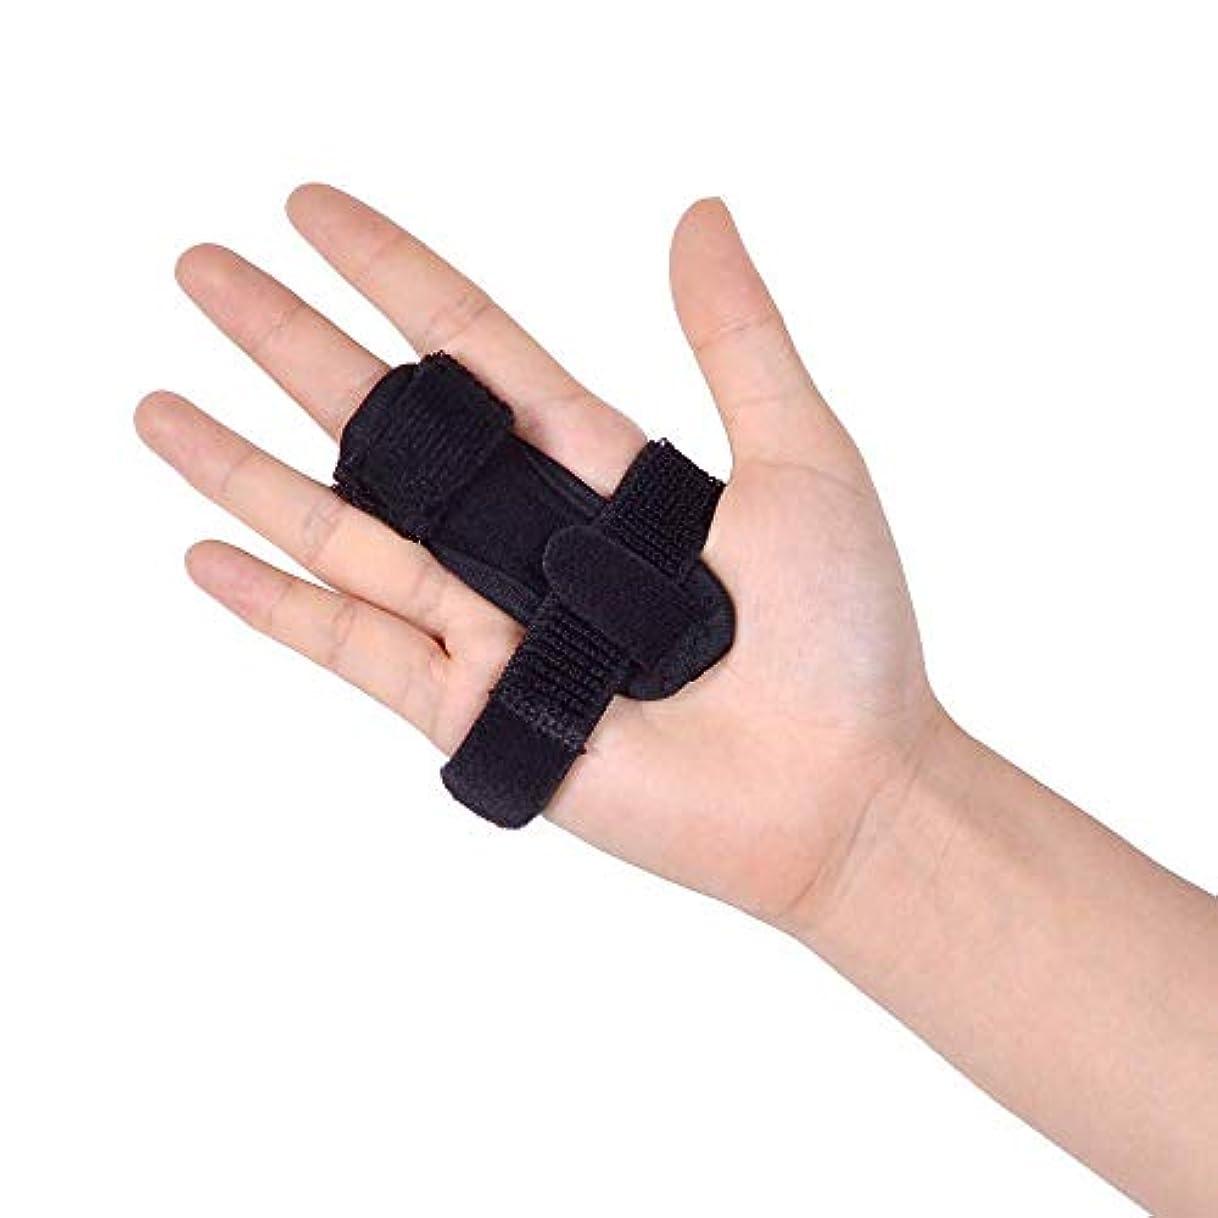 褒賞プライバシー税金指サポーター バネ指 指サポーター ばね腱鞘炎 指保護 固定 調整自在 左右兼用 フリーサイズ